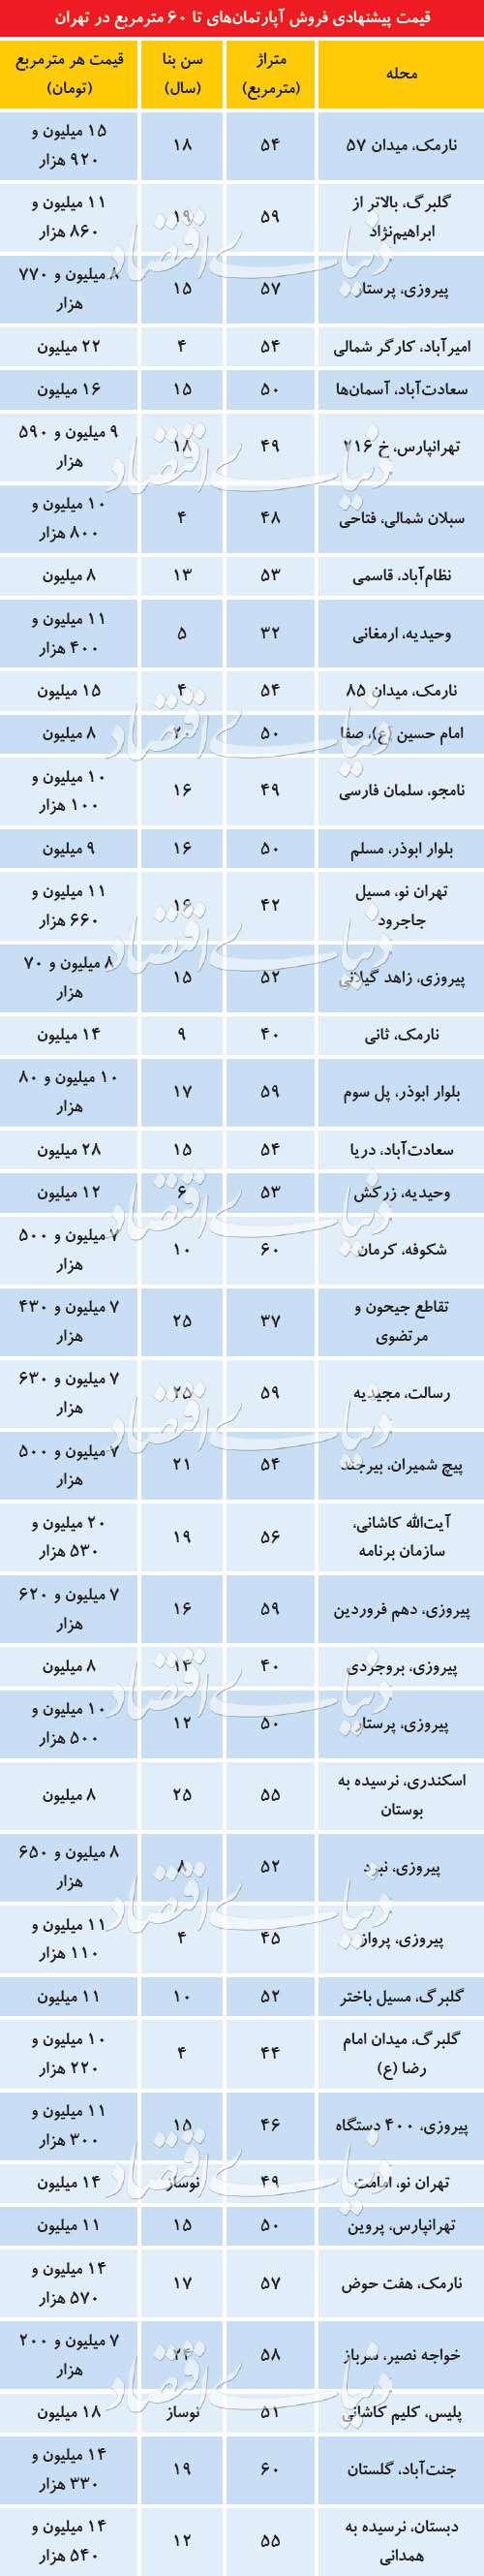 وضعیت بازار آپارتمانهای کوچکمتراژ در تهران